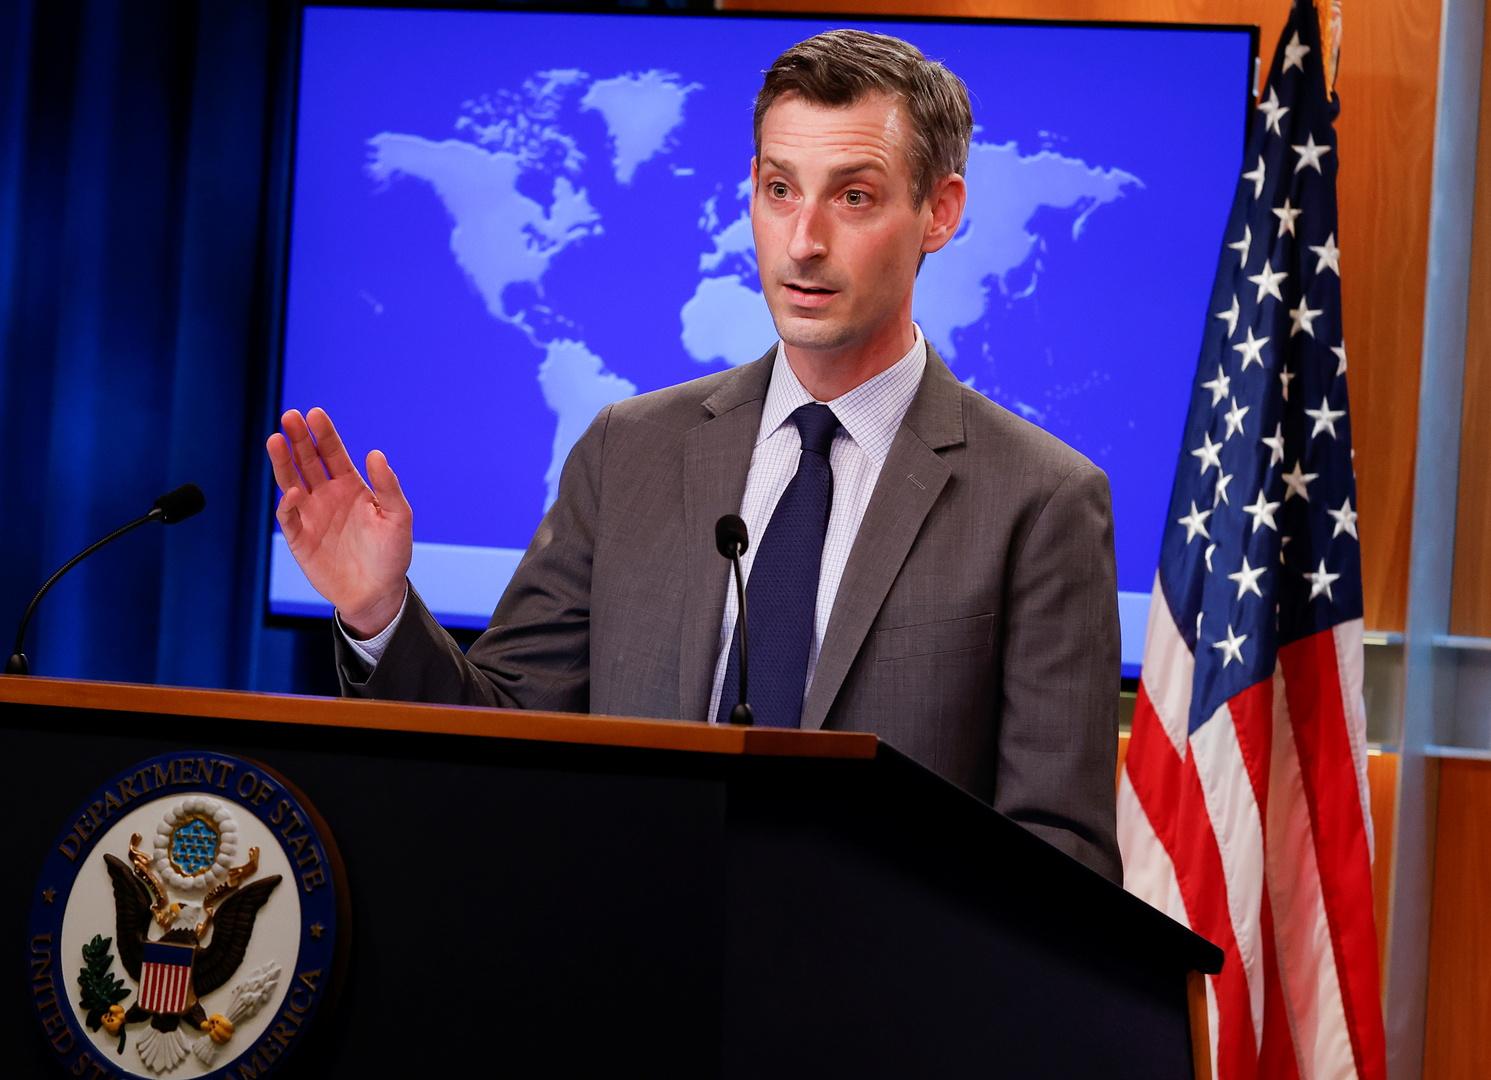 المتحدث باسم الخارجية الأمريكية نيد برايس